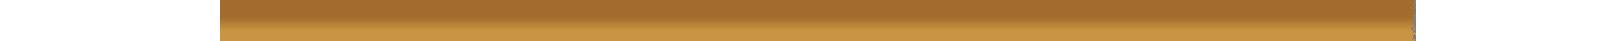 divider-gold